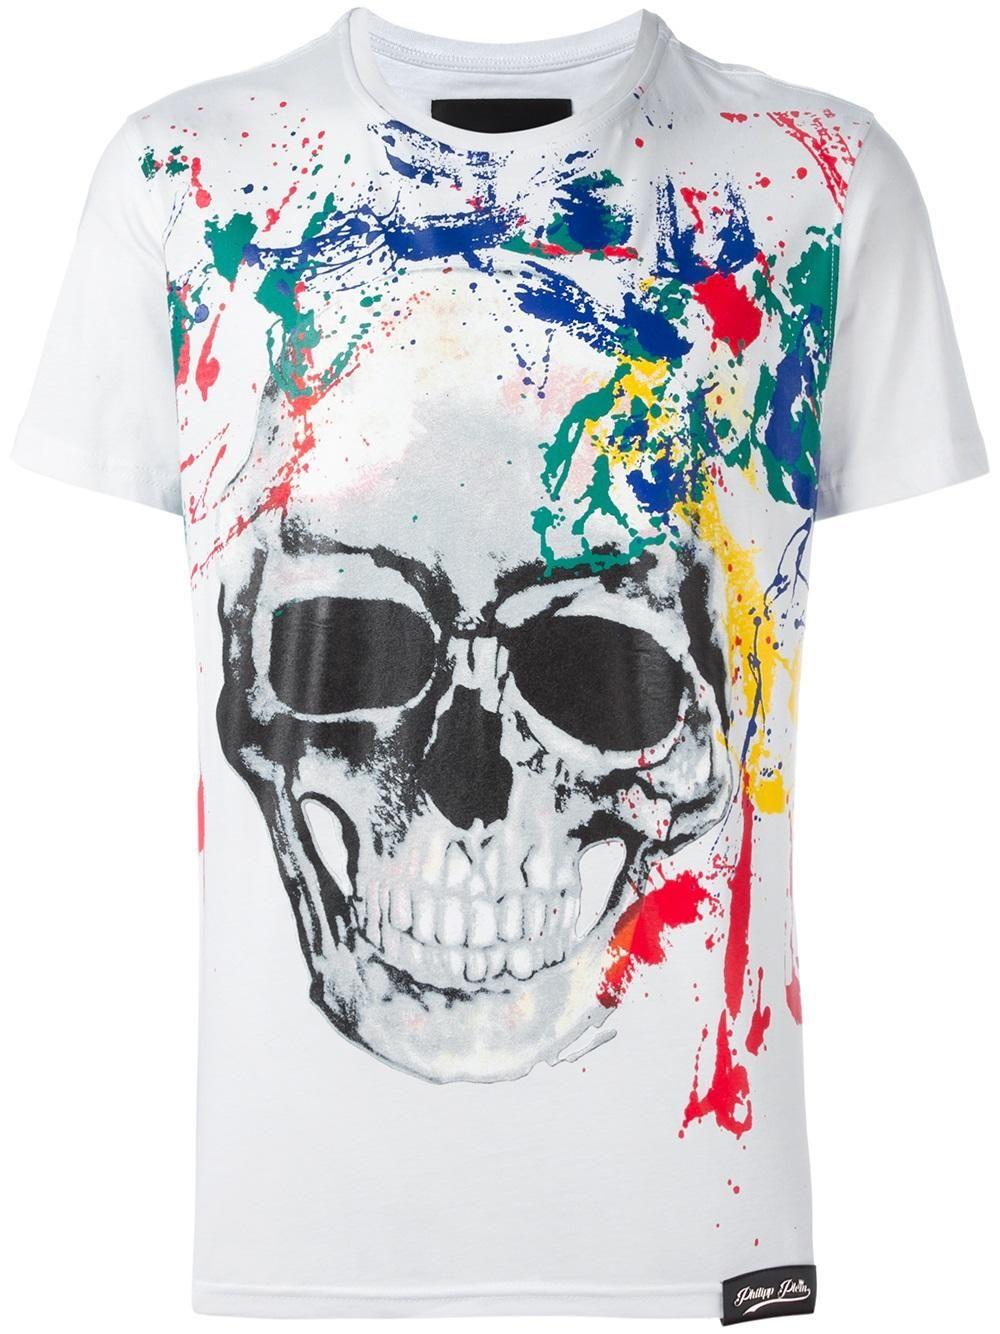 7b44a5f926b52 Philipp Plein camiseta con estampado de calavera